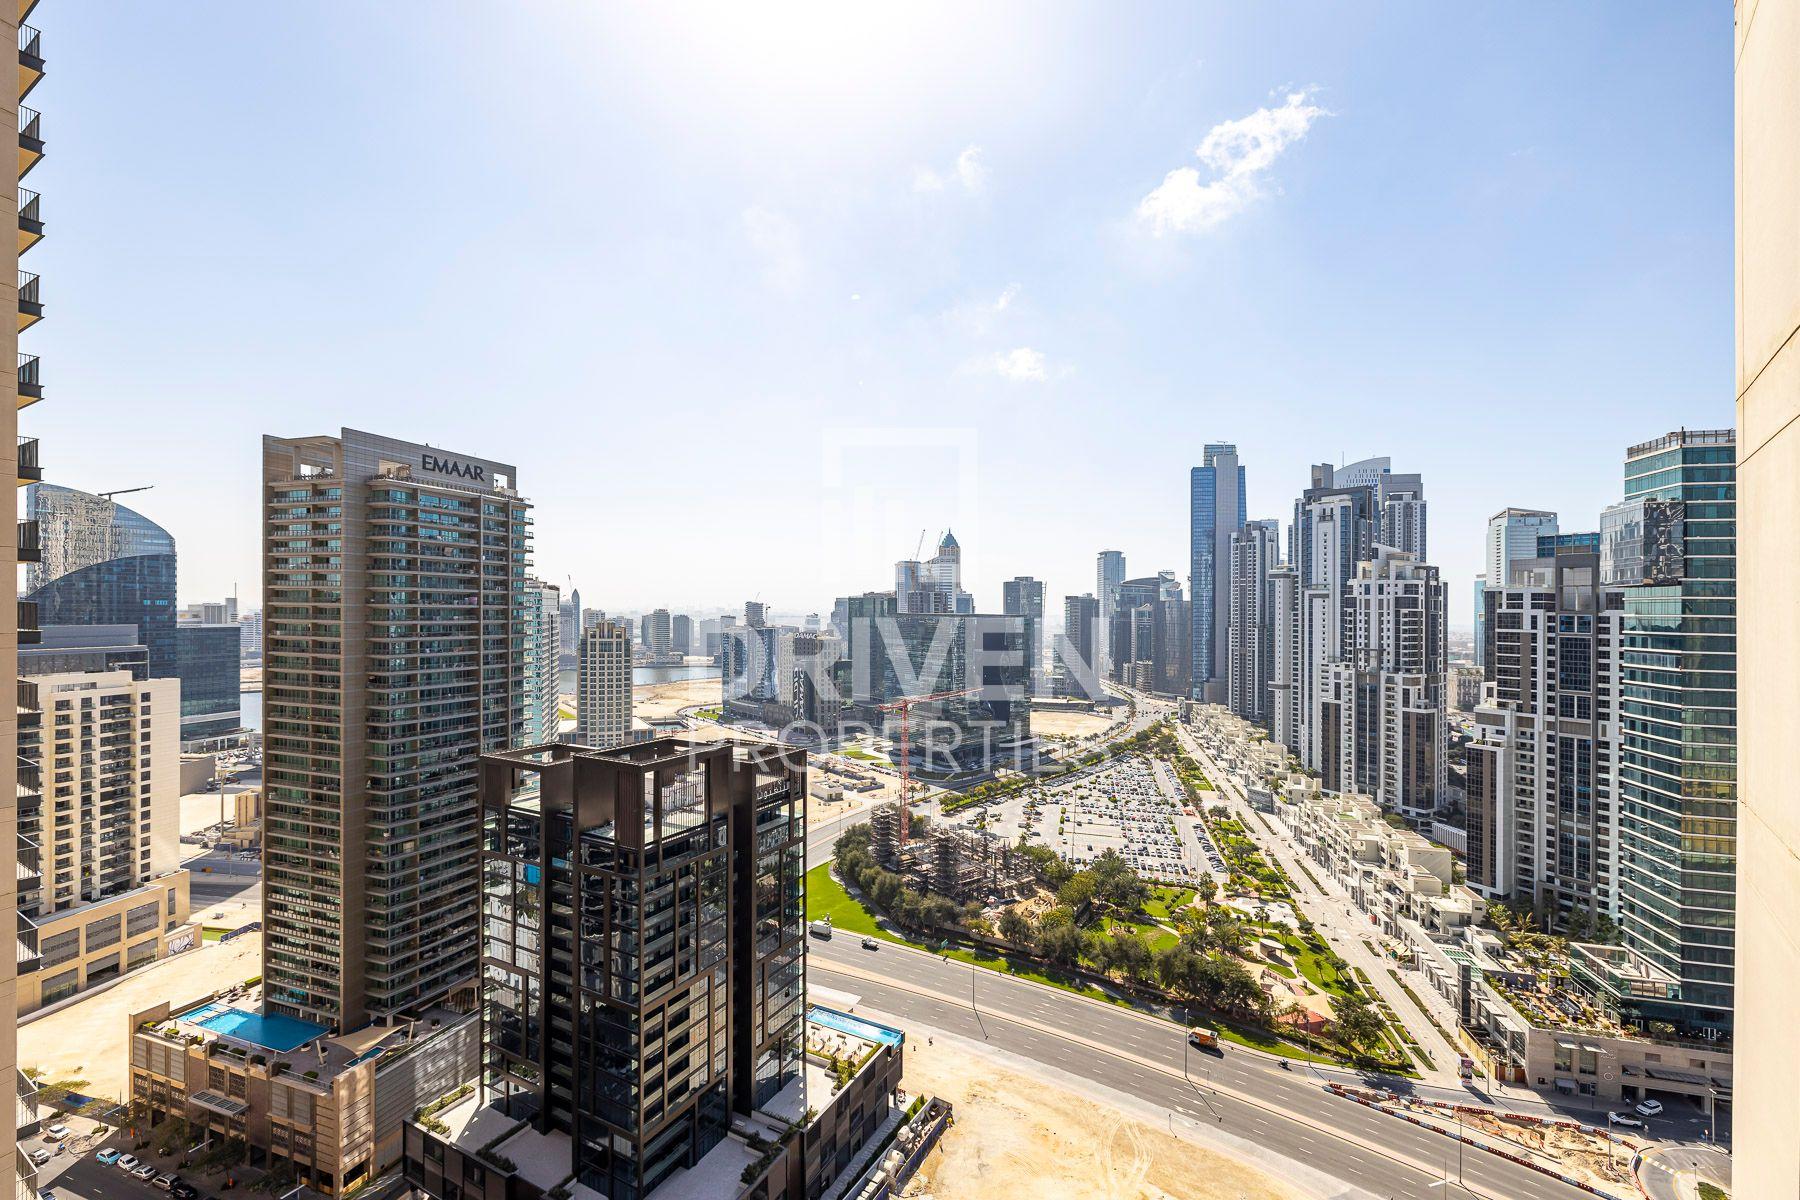 للايجار - شقة - مرتفعات بوليفارد برج 2 - دبي وسط المدينة